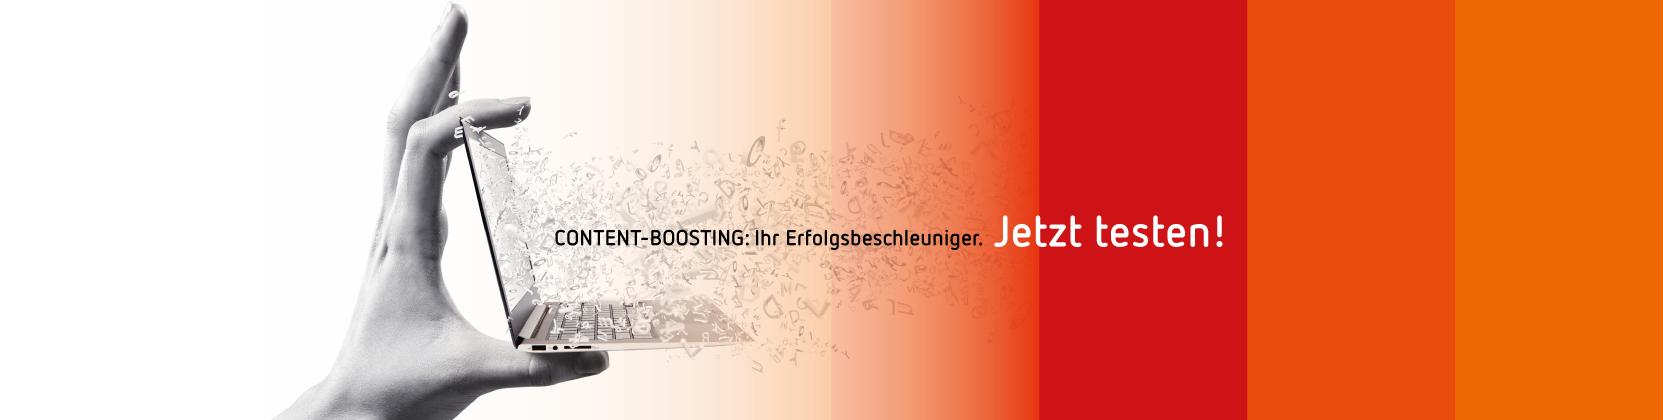 Jetzt testen! content-boosting.de